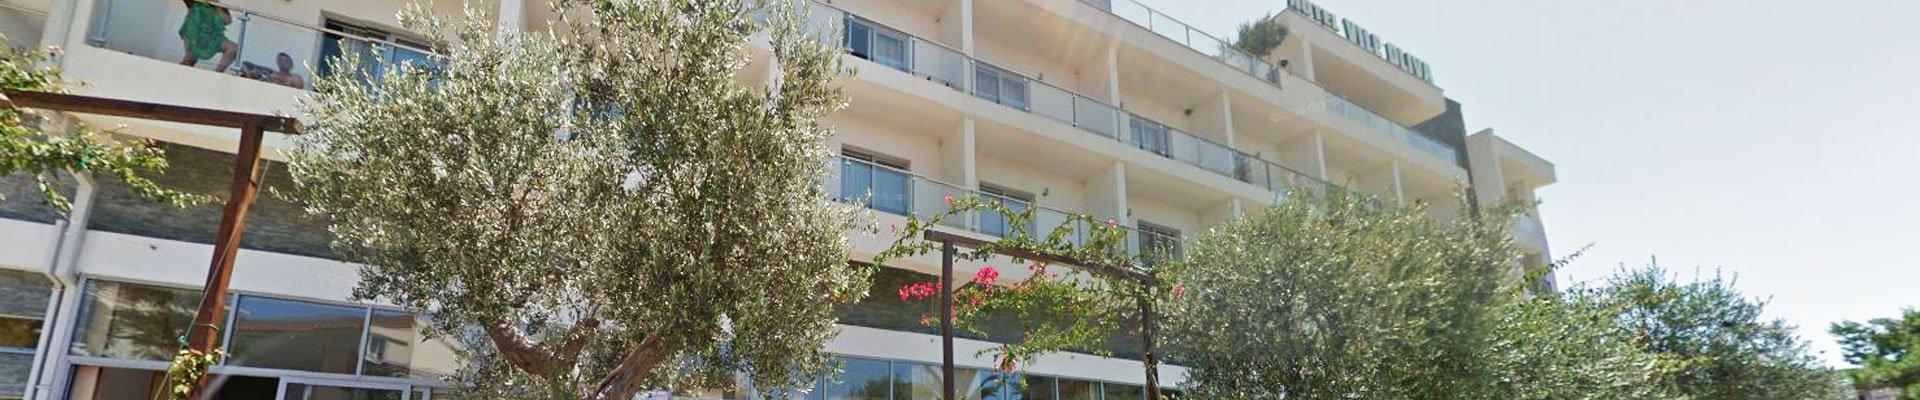 Vile Oliva hotel